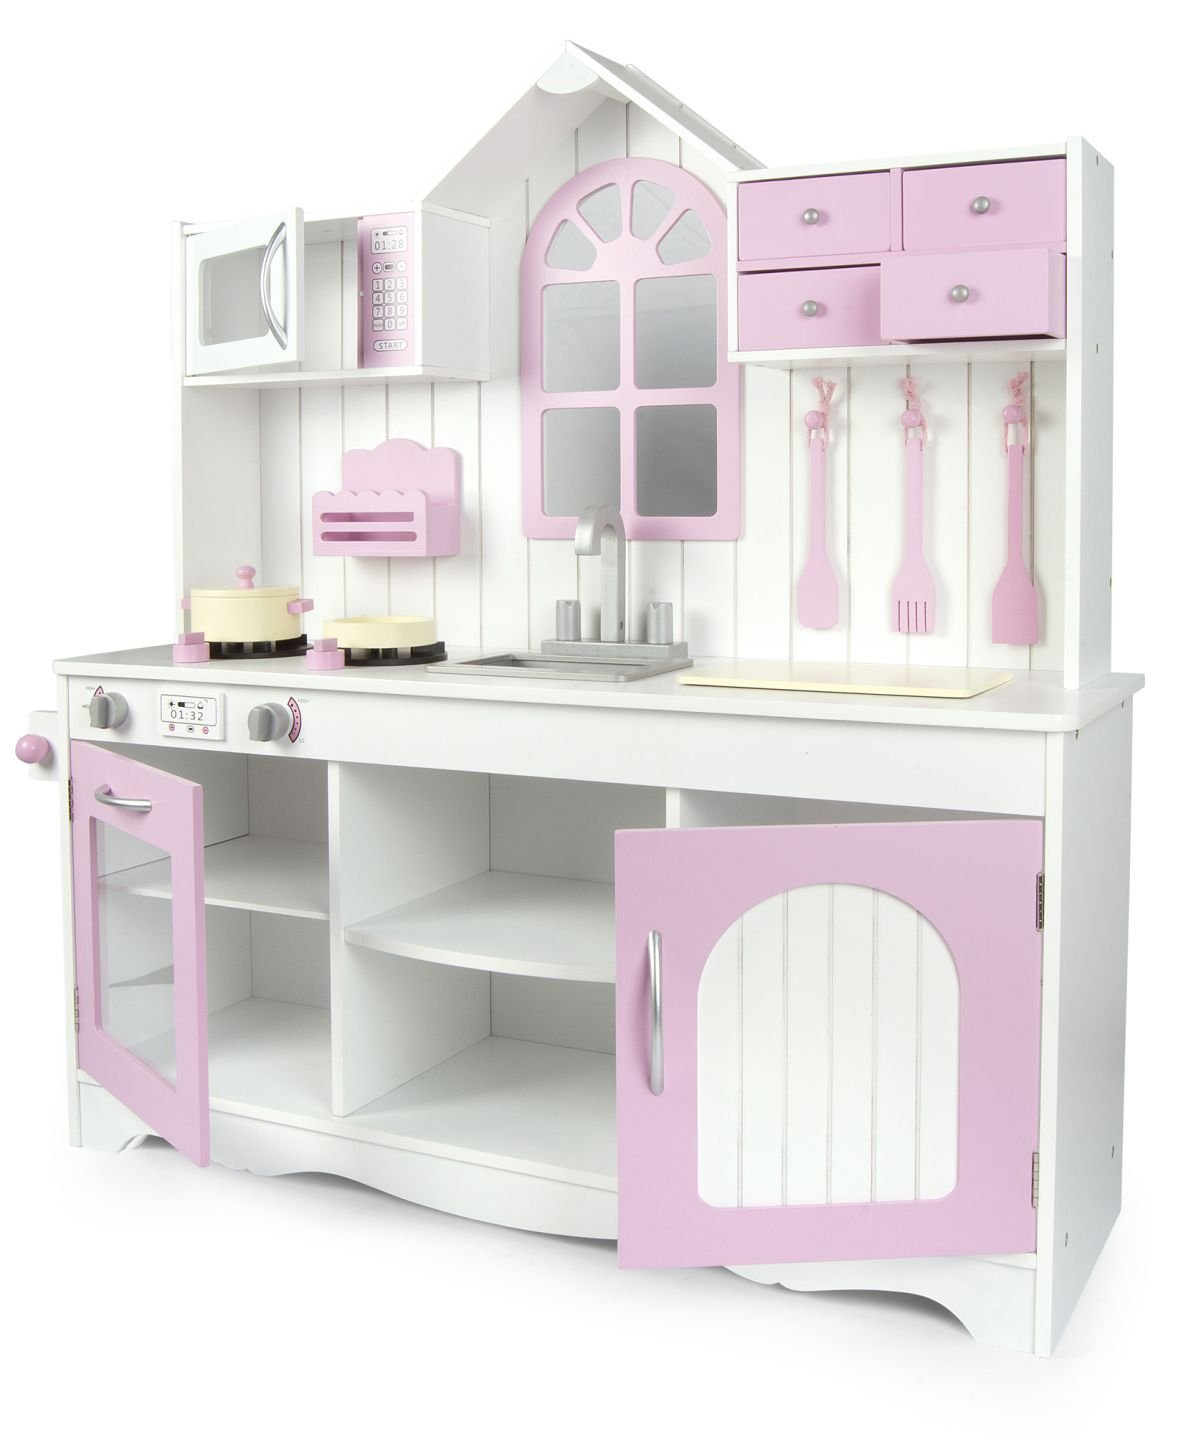 Leomark Cucina Exclusive Royal Rosa Giocattolo per Bambini Gioco in ...